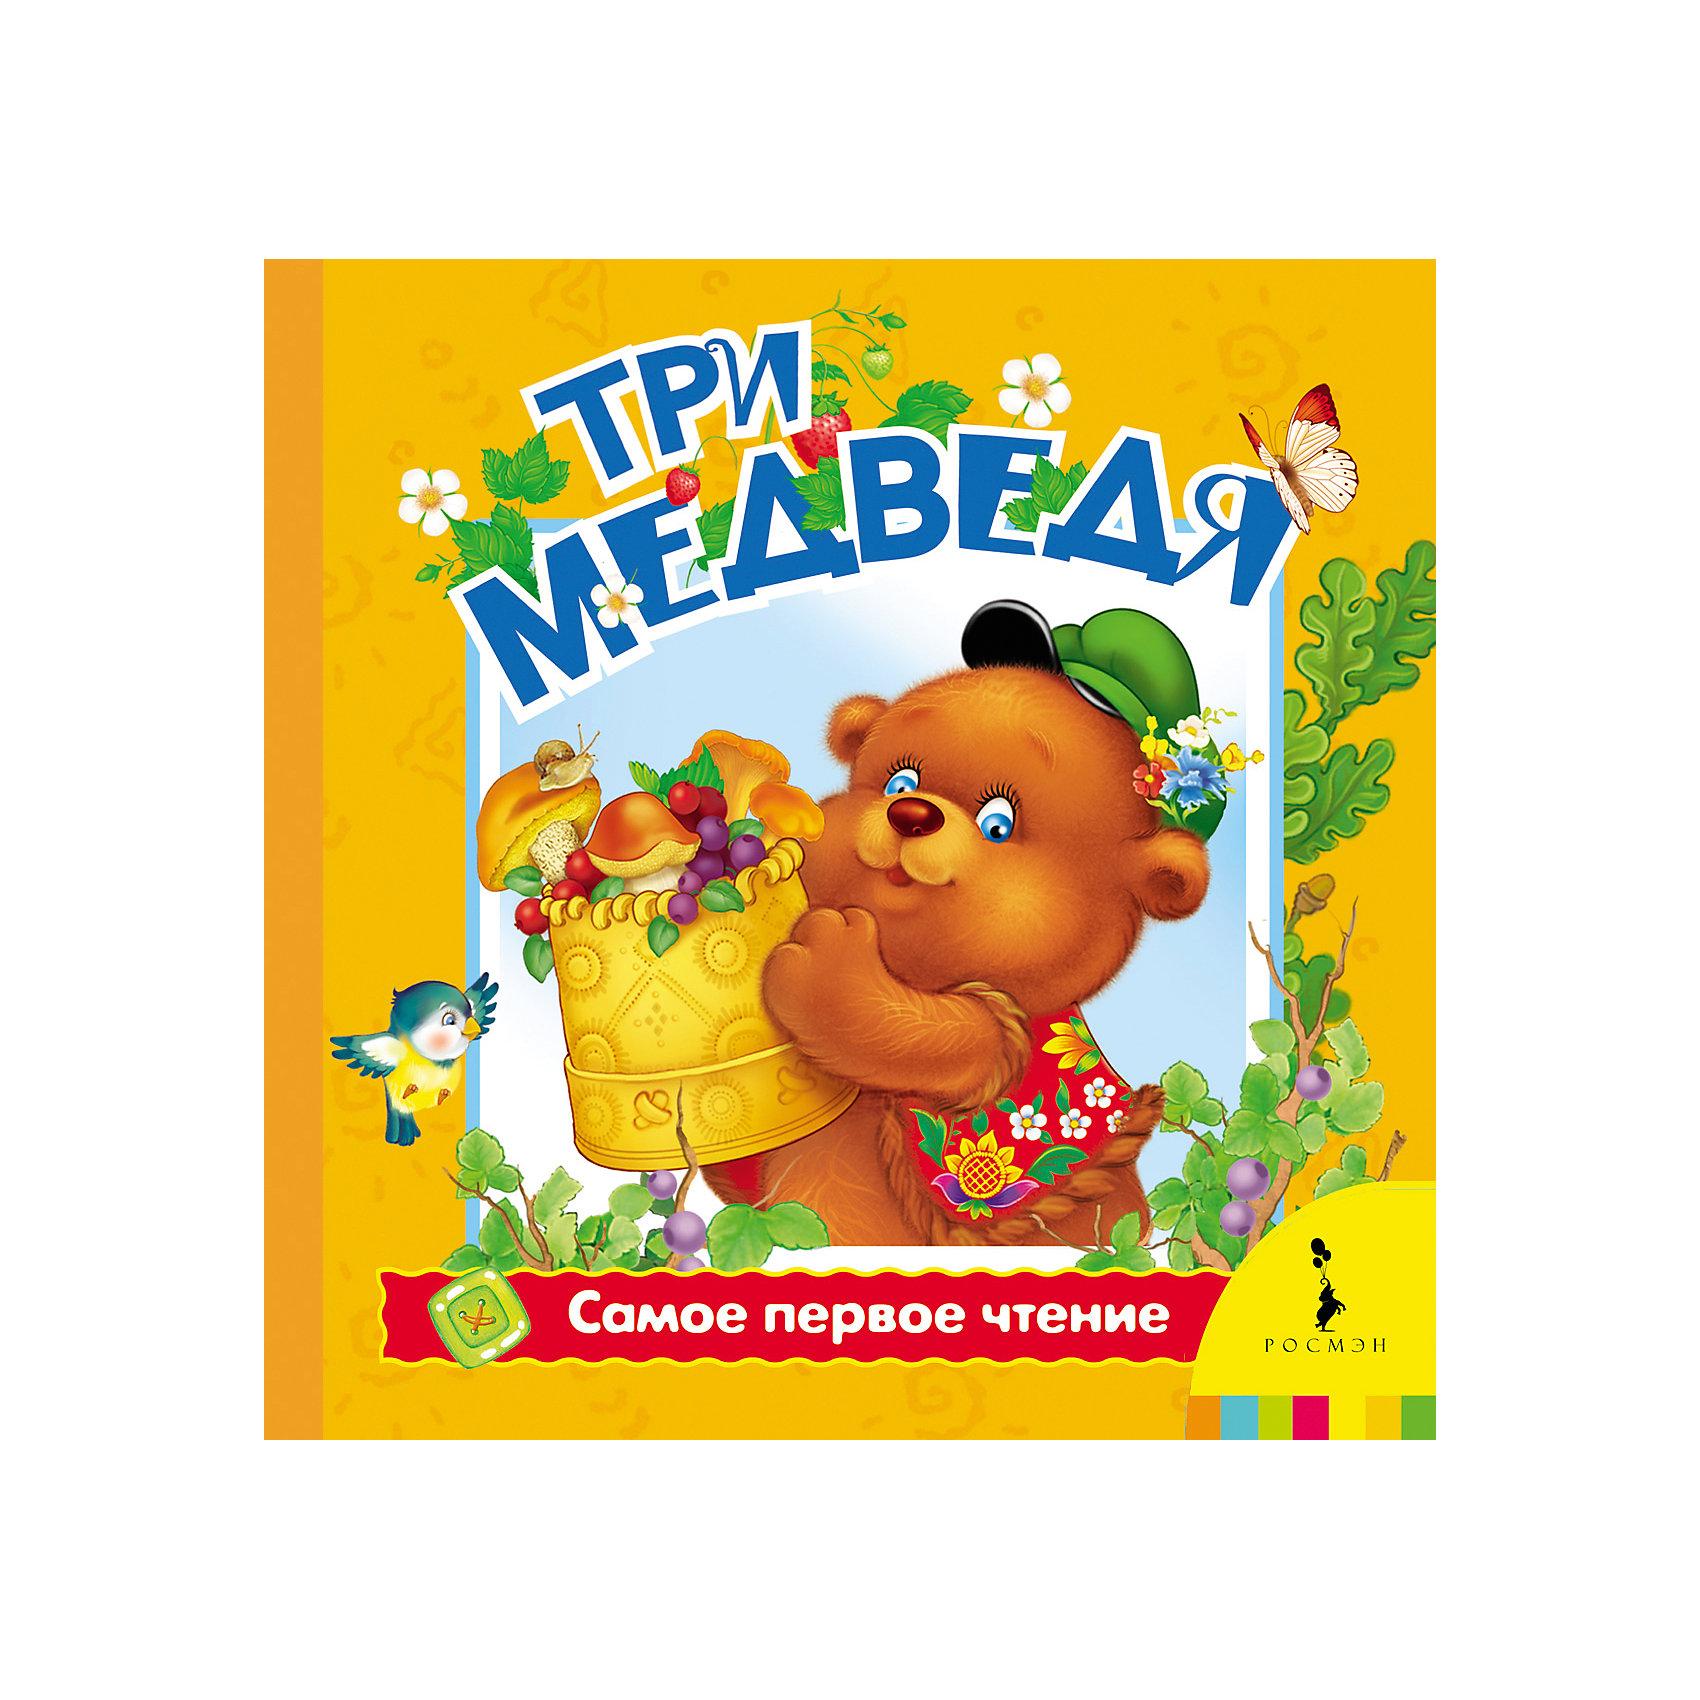 Три медведяХарактеристики товара:<br><br>- цвет: разноцветный;<br>- материал: бумага;<br>- страниц: 16;<br>- формат: 17 х 17 см;<br>- обложка: картон;<br>- возраст: от 1 года. <br><br>Издания серии Самое первое чтение - отличный способ занять ребенка! Эта красочная книга станет отличным подарком для родителей и малыша. Она содержит в себе известные сказки, которые так любят дети. Отличный способ привить малышу любовь к чтению! Удобный формат и плотные странички позволят брать книгу с собой в поездки.<br>Чтение и рассматривание картинок даже в юном возрасте помогает ребенку развивать память, концентрацию внимания и воображение. Издание произведено из качественных материалов, которые безопасны даже для самых маленьких.<br><br>Издание Три медведя от компании Росмэн можно купить в нашем интернет-магазине.<br><br>Ширина мм: 165<br>Глубина мм: 165<br>Высота мм: 20<br>Вес г: 320<br>Возраст от месяцев: 0<br>Возраст до месяцев: 36<br>Пол: Унисекс<br>Возраст: Детский<br>SKU: 5110296